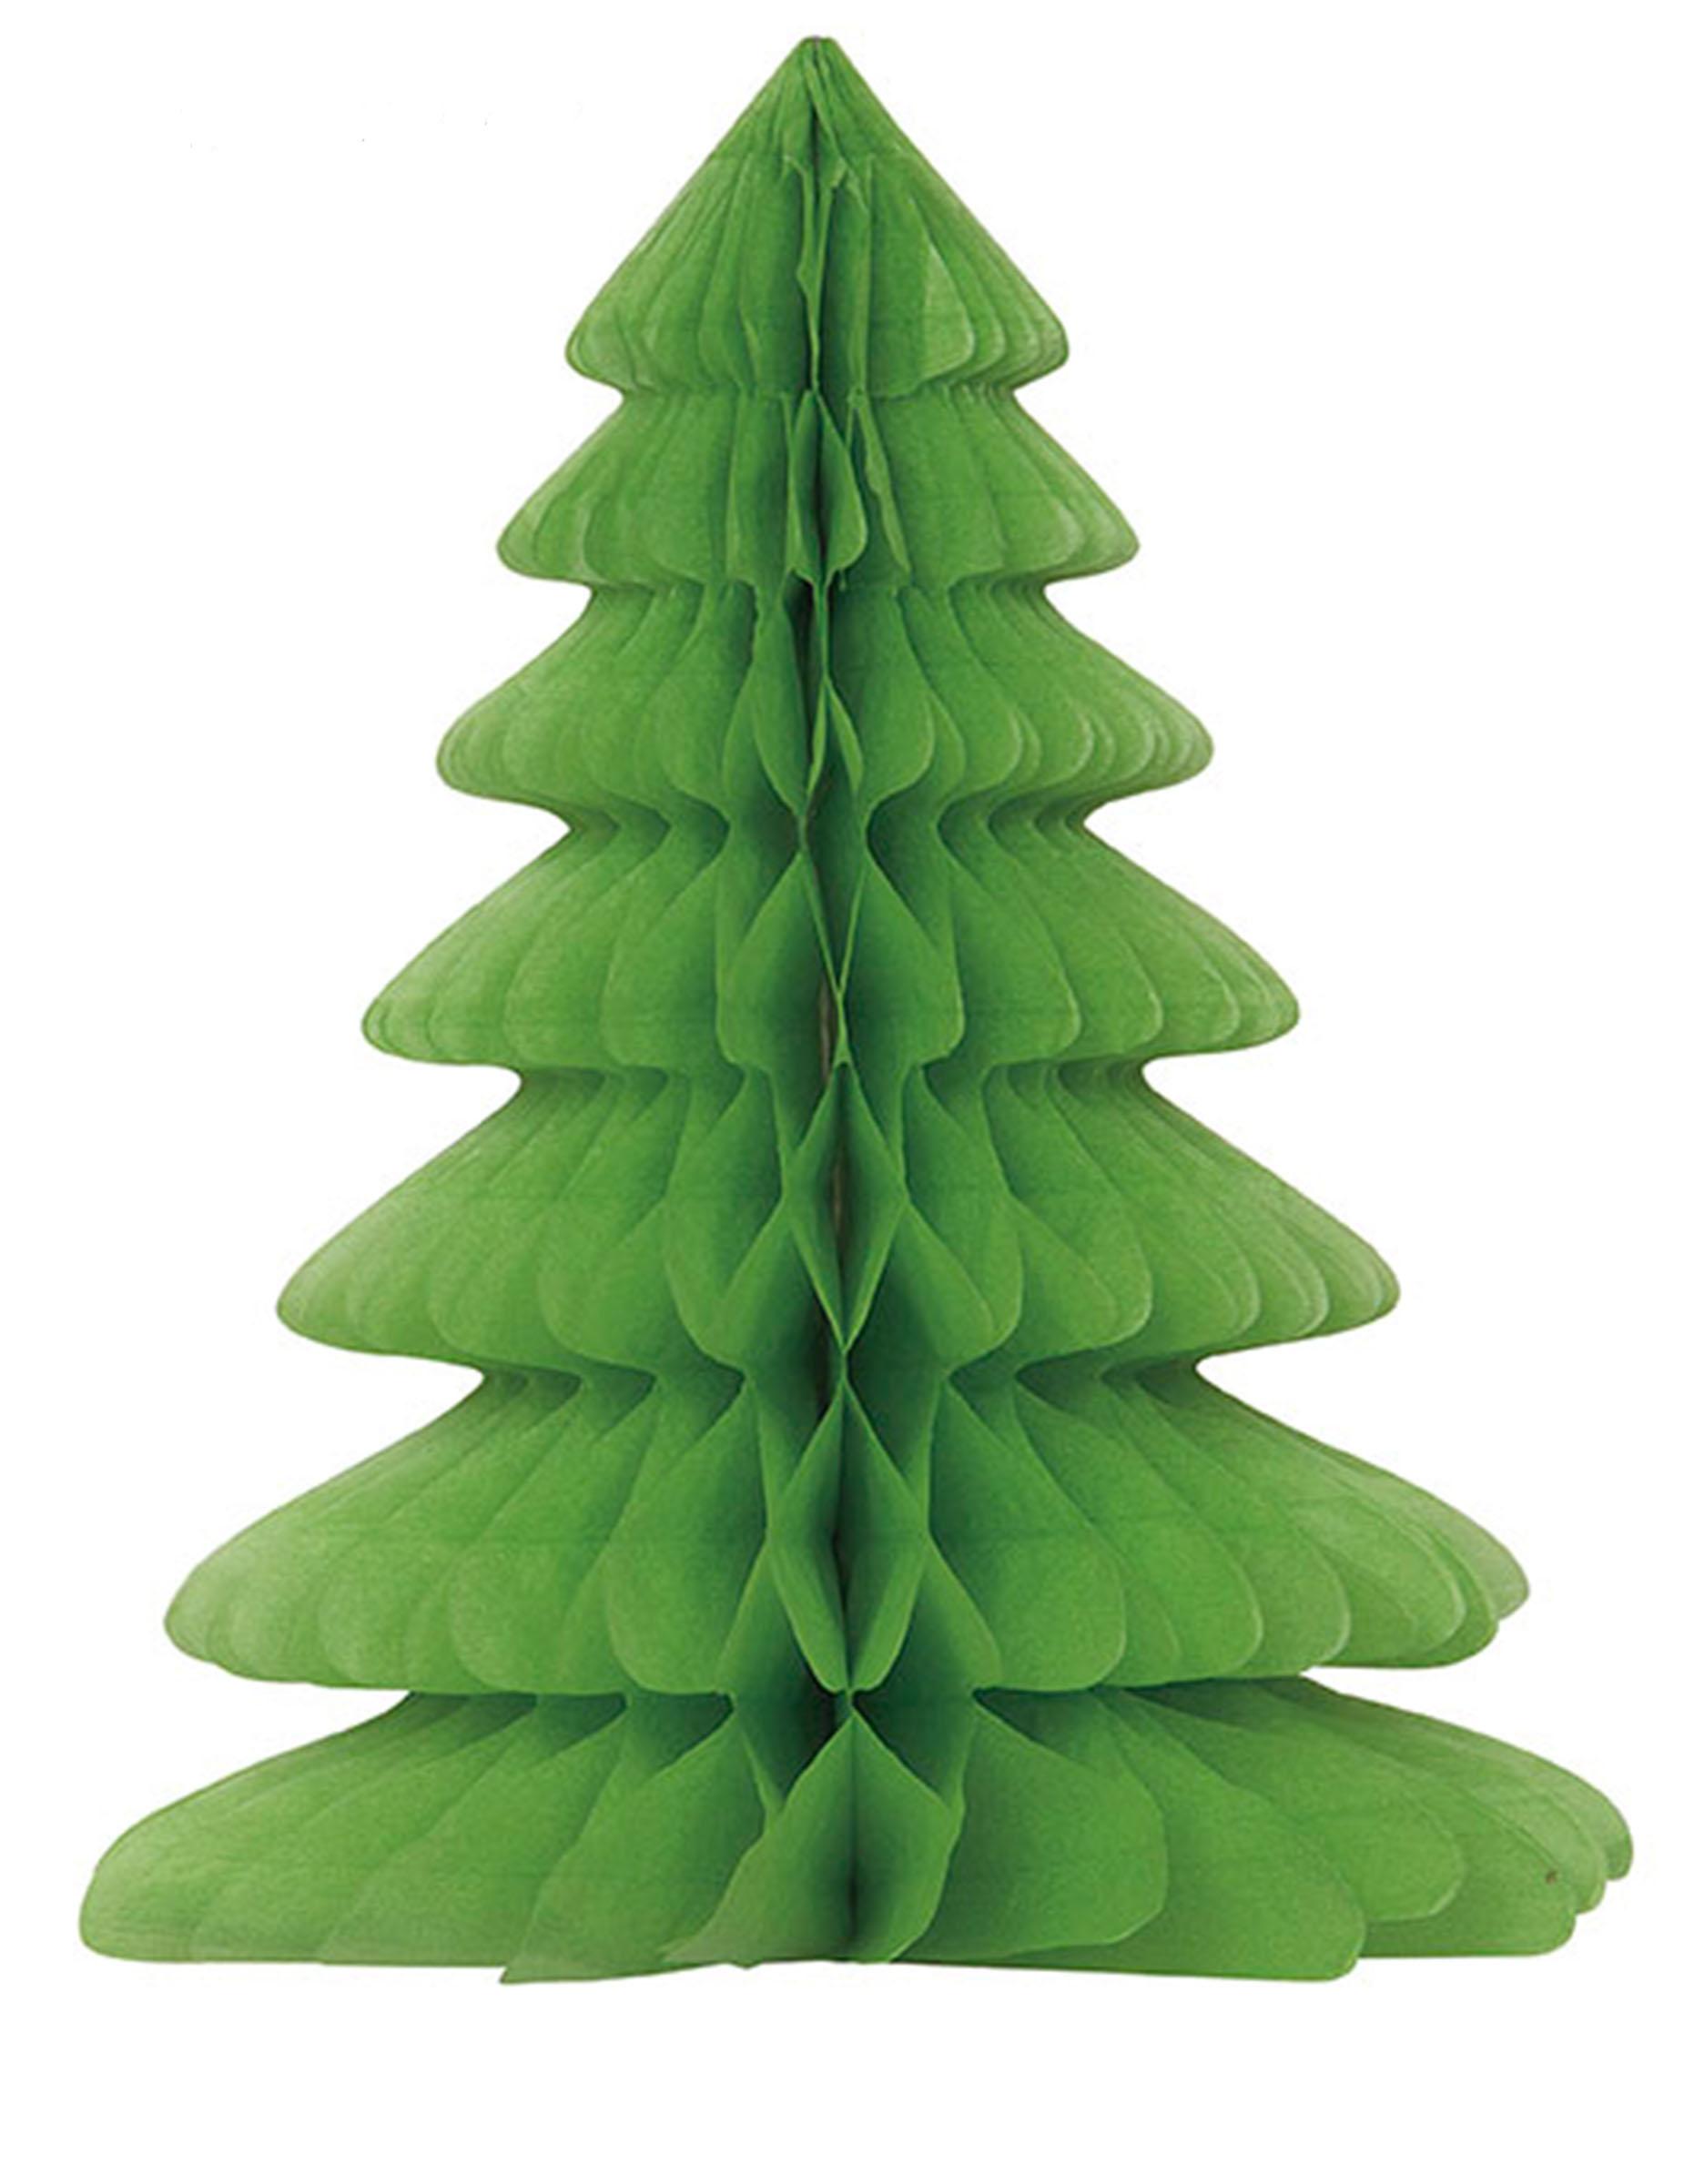 Weihnachtsbaum Tannenbaum.Weihnachtsbaum Tannenbaum Tischdeko Grün 30cm